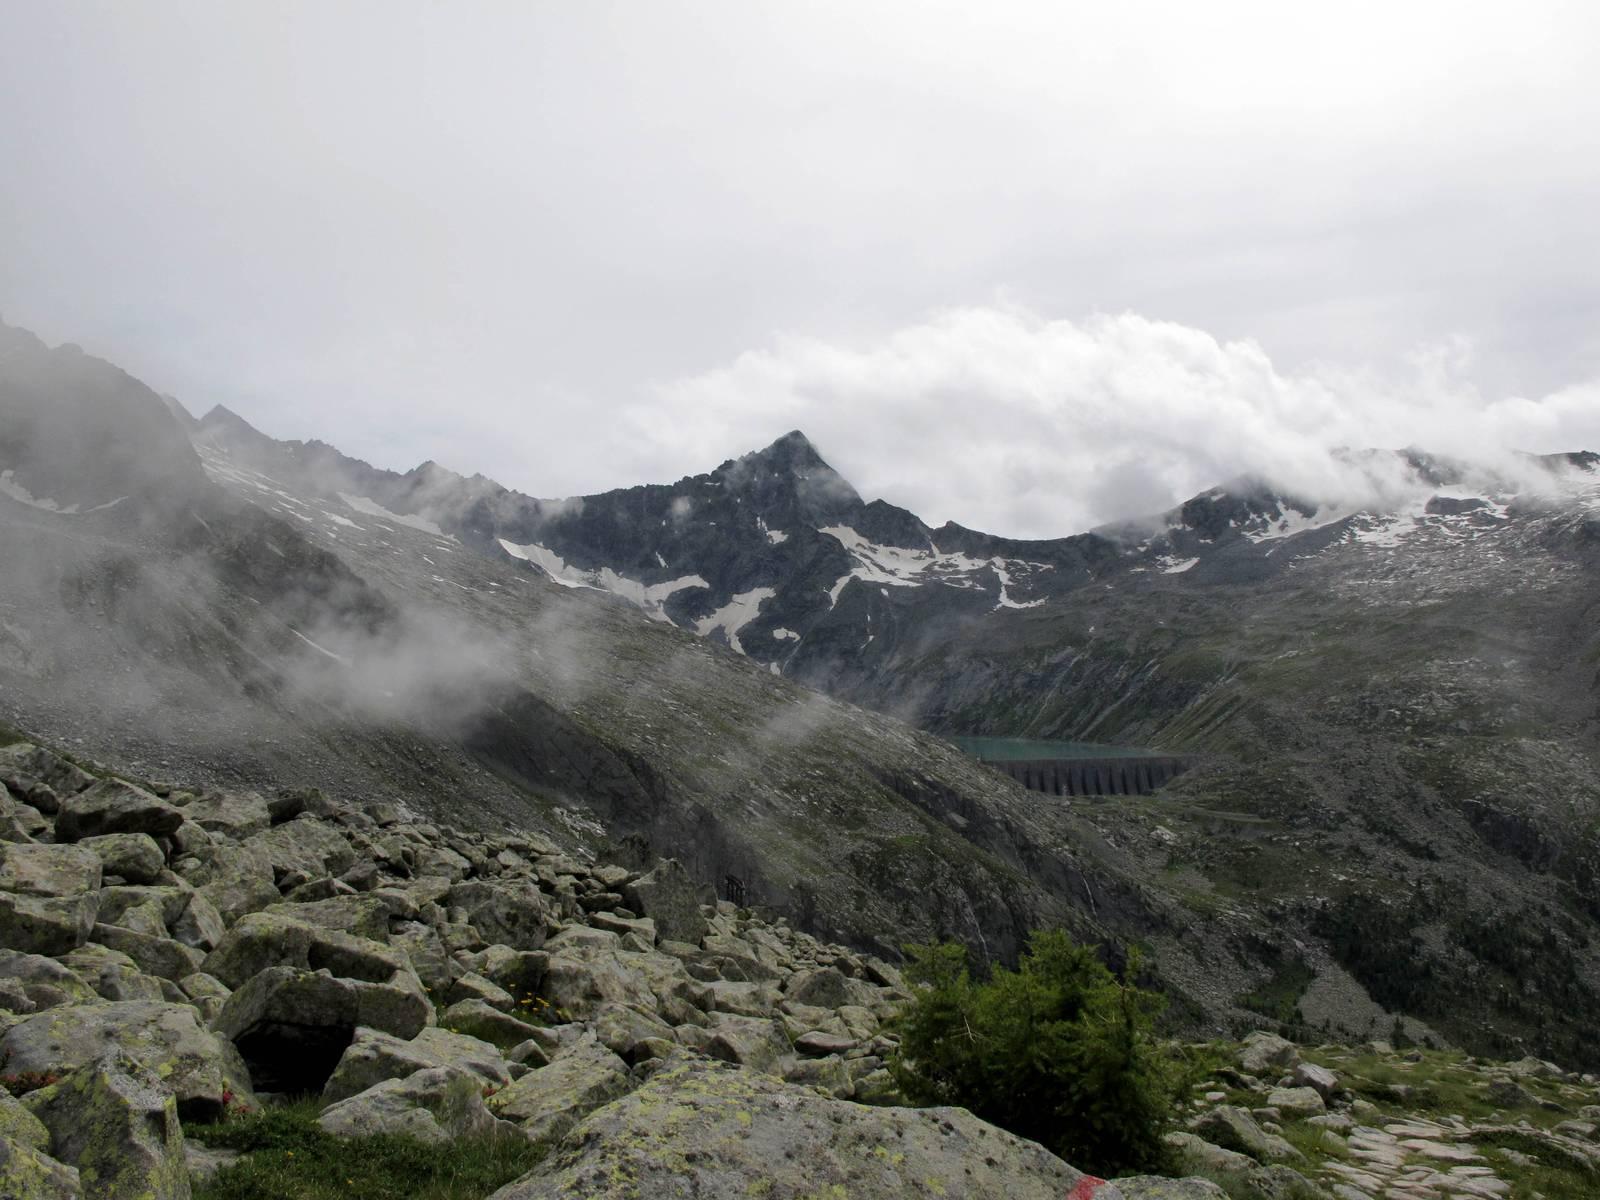 Passi-nella-neve-9-agosto-2014_Narrazione-in-cammino-destinazione-Garibaldi52 Copia